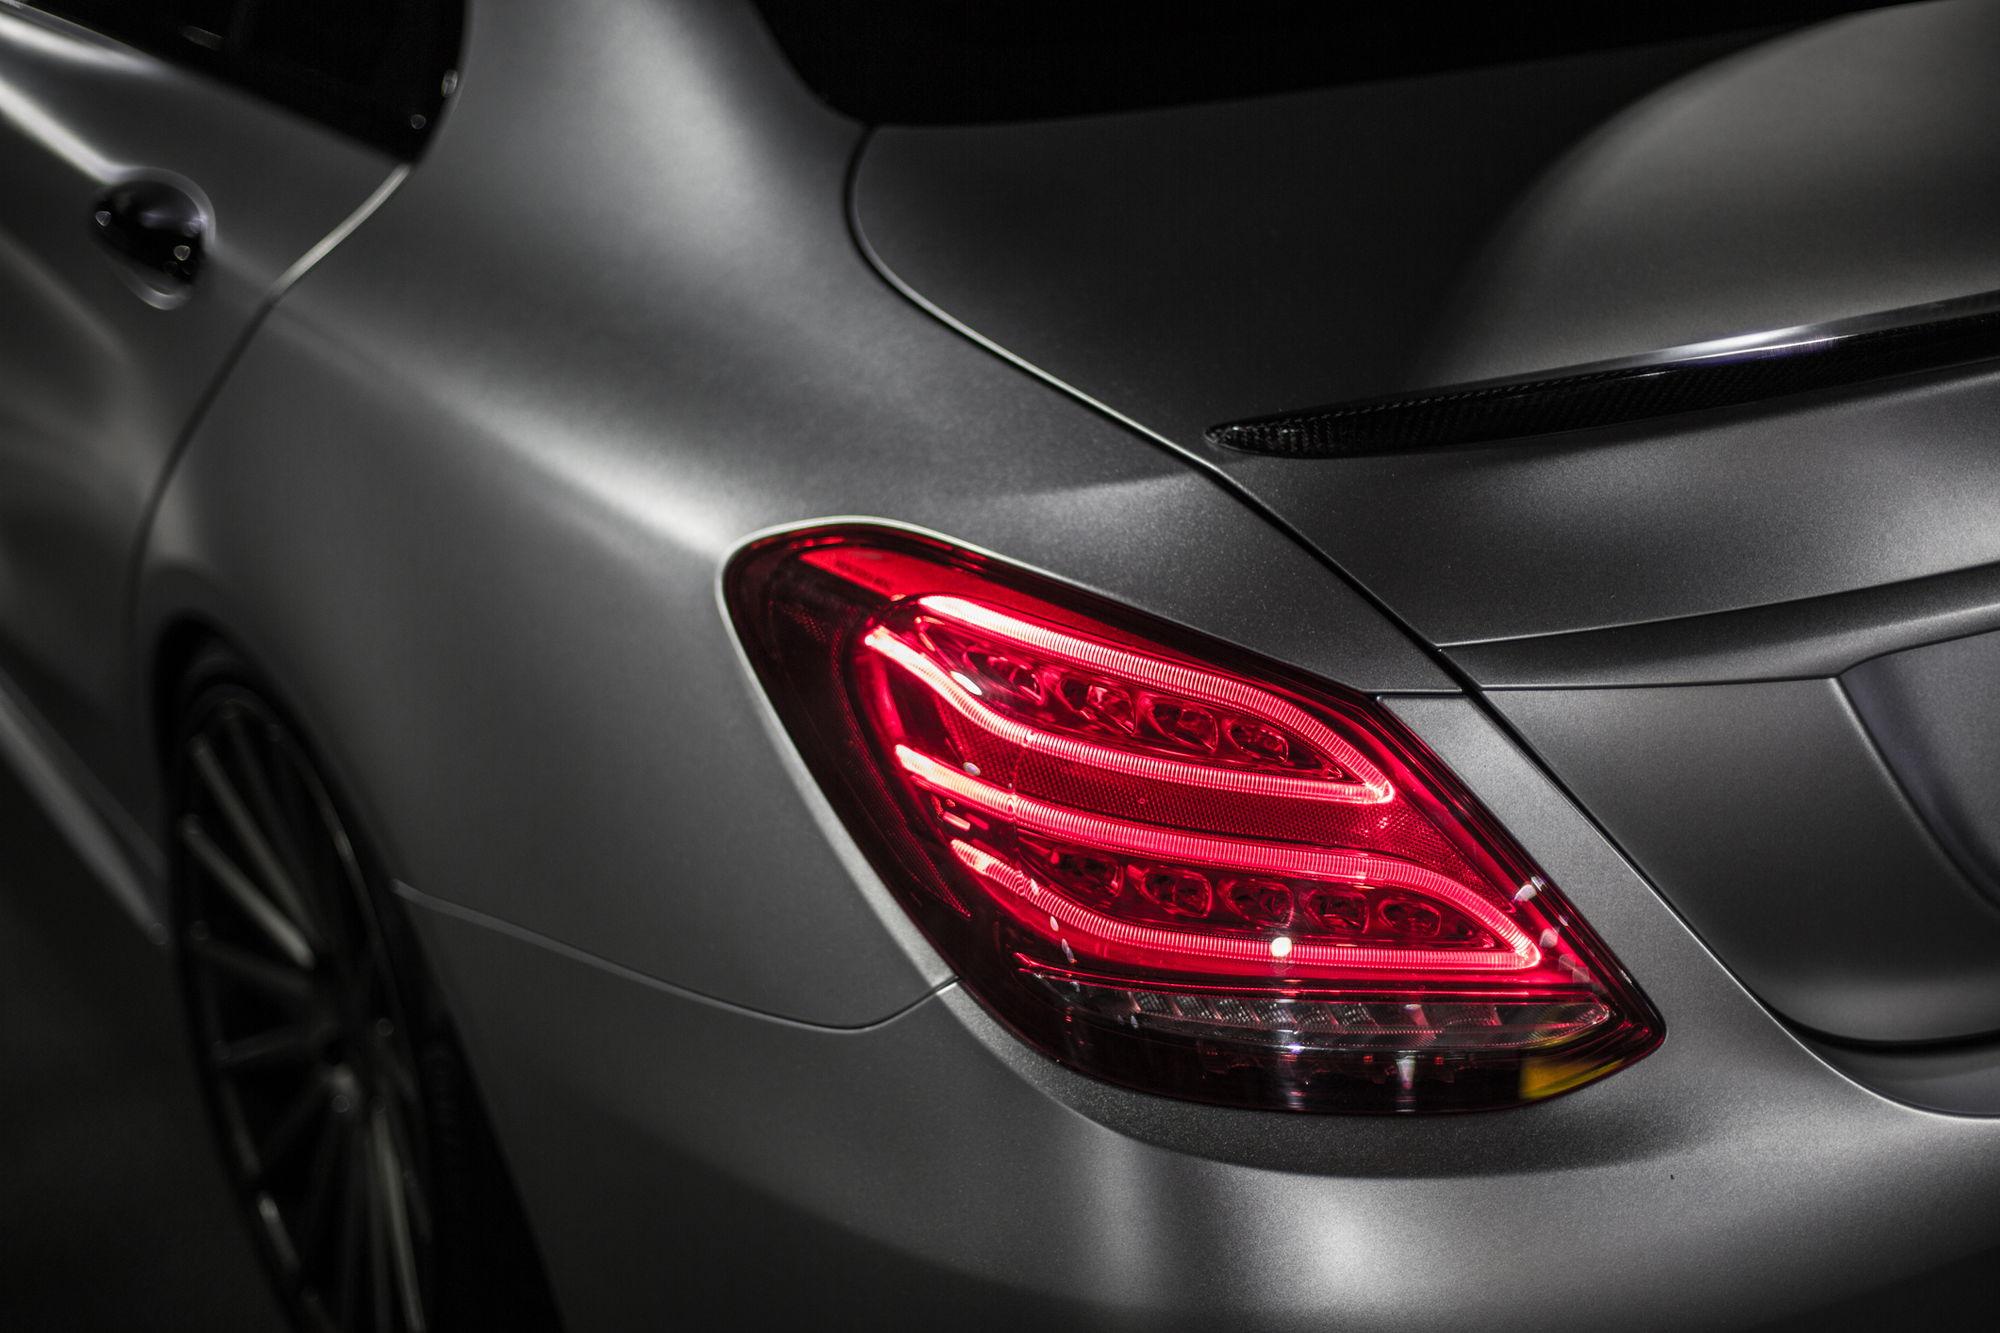 Mercedes C400 Silver Surfer Quot Liquid Wrap Quot Pics Mbworld Org Forums